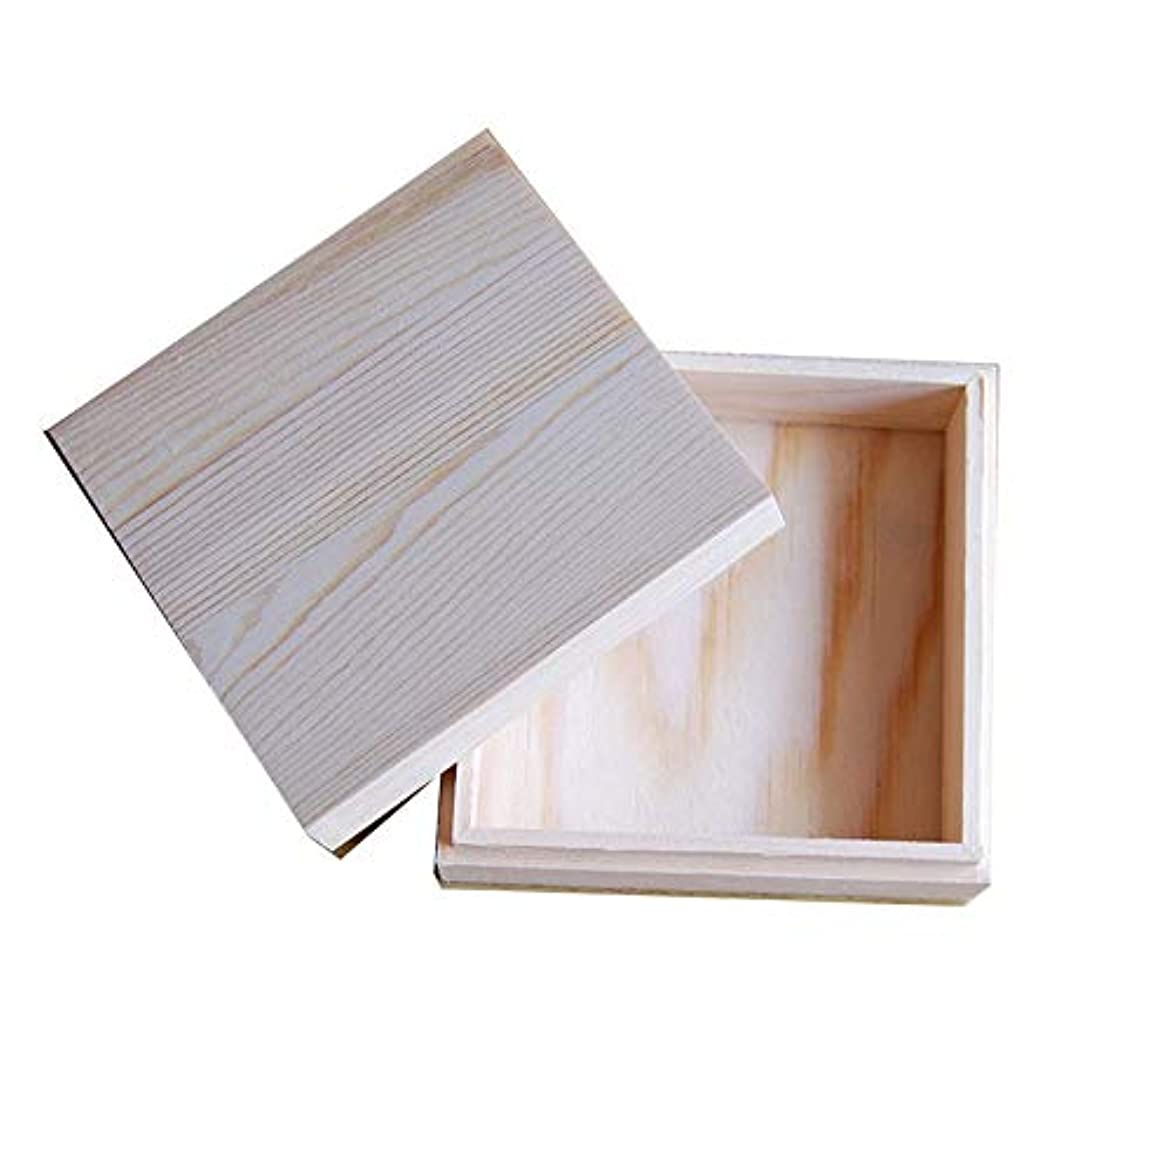 戸棚確認する腹痛エッセンシャルオイルストレージボックス 木製のエッセンシャルオイルストレージボックス安全に油を維持するためのベスト 旅行およびプレゼンテーション用 (色 : Natural, サイズ : 11.5X11.5X5CM)